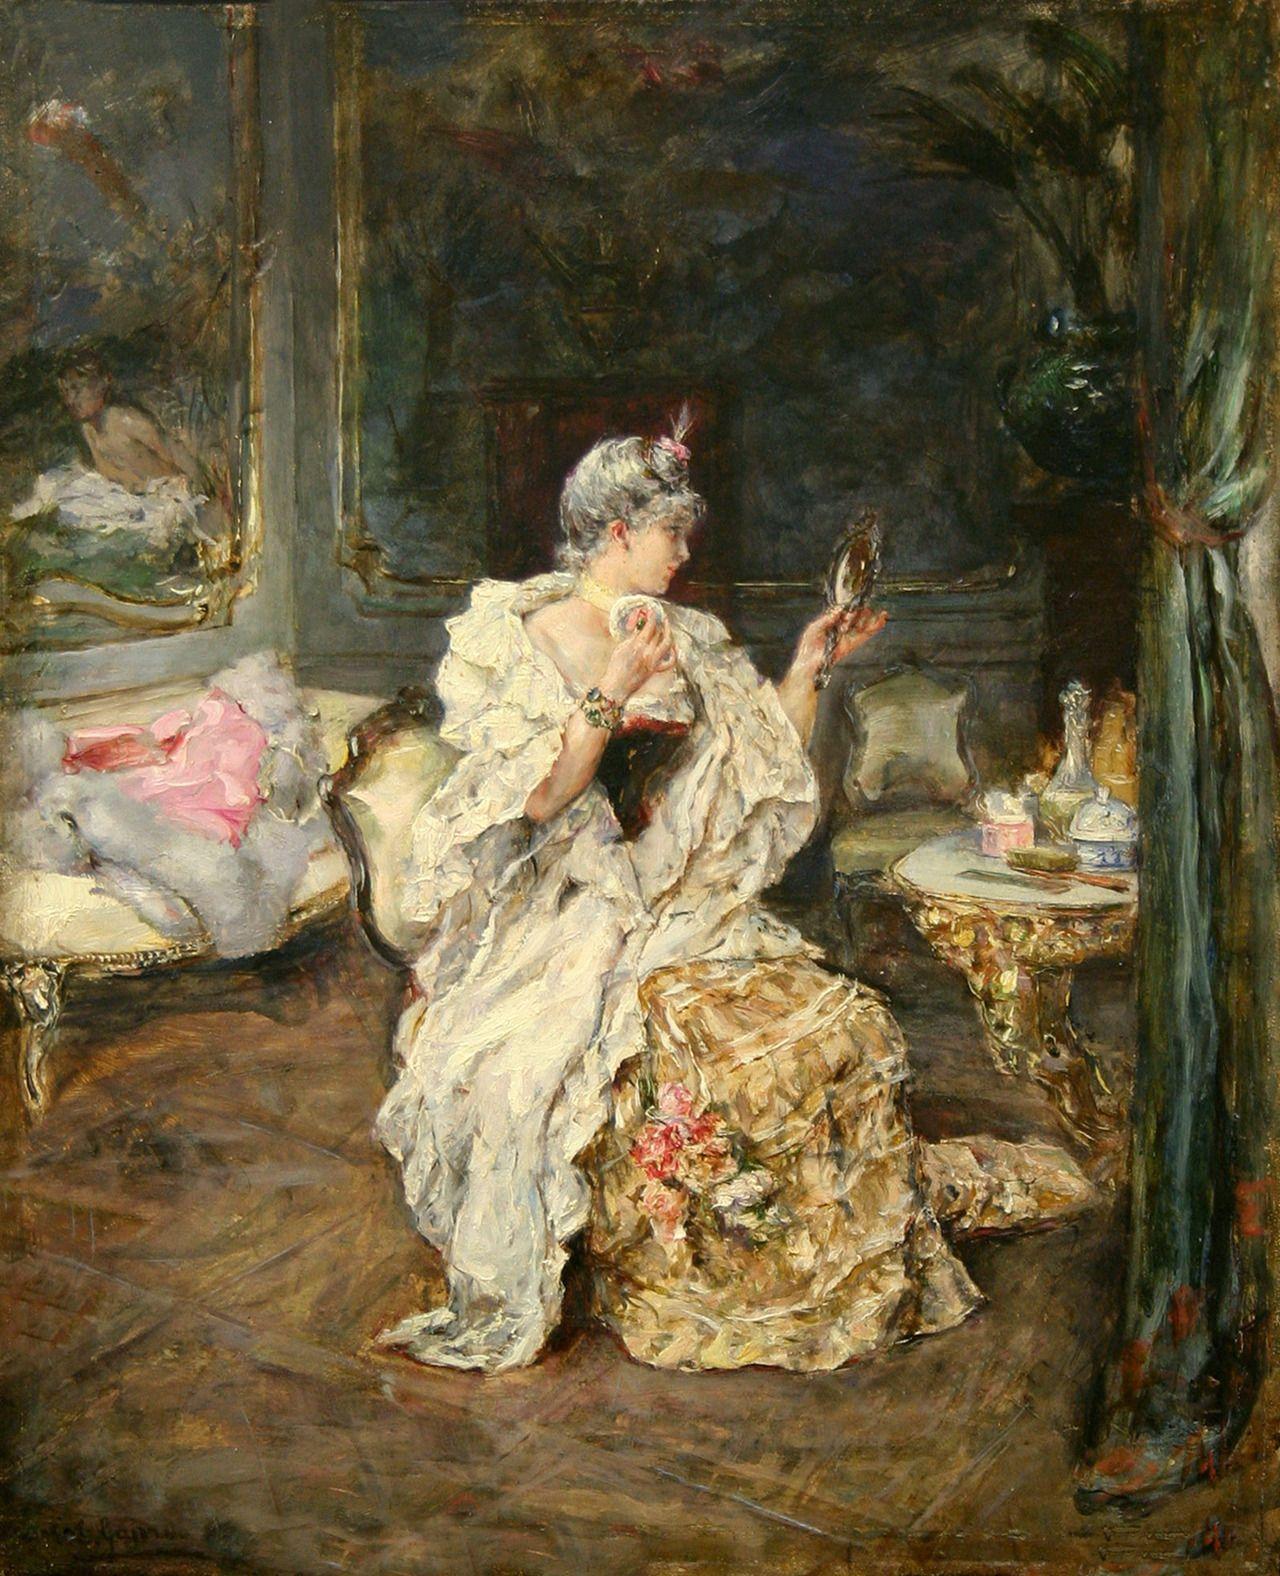 Lady at Her Toilet Eduardo Leon Garrido Obrazy, Sztuka